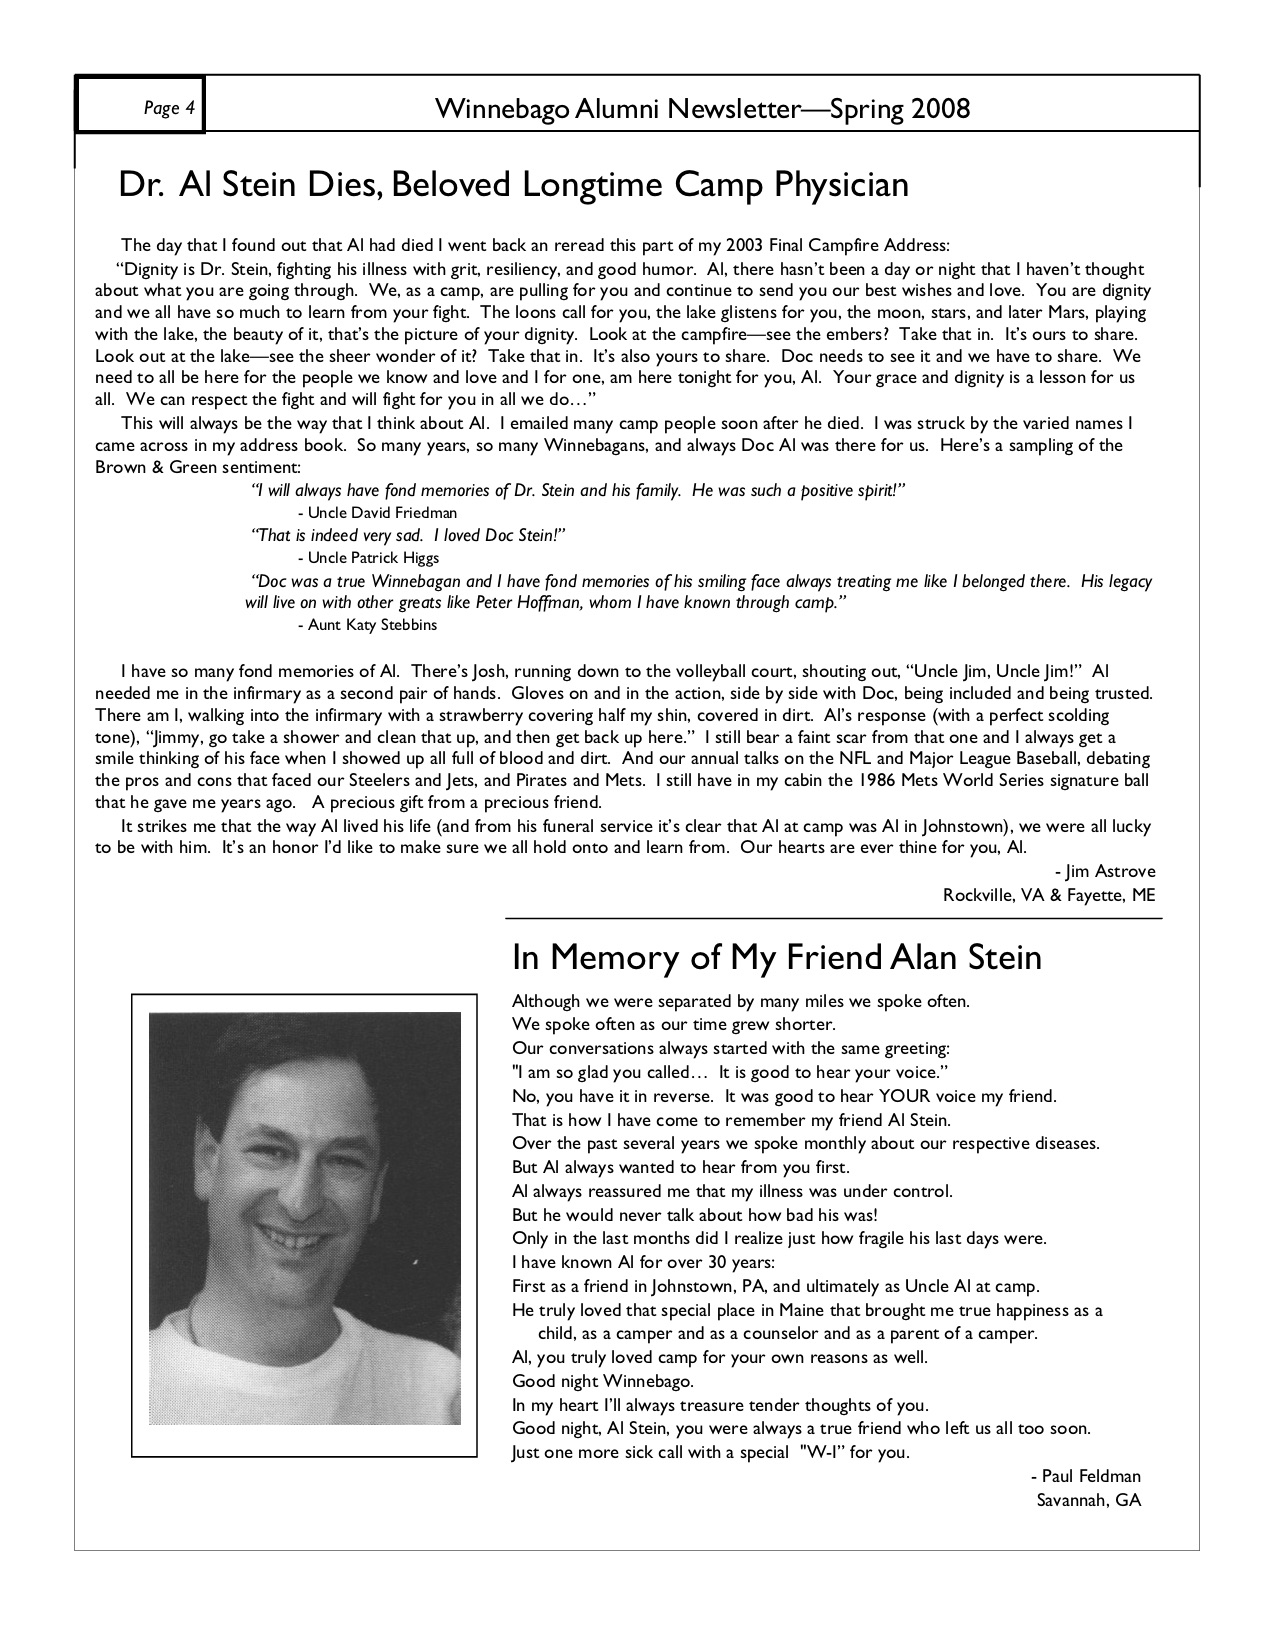 2008 Spring Newsletter 4.jpg